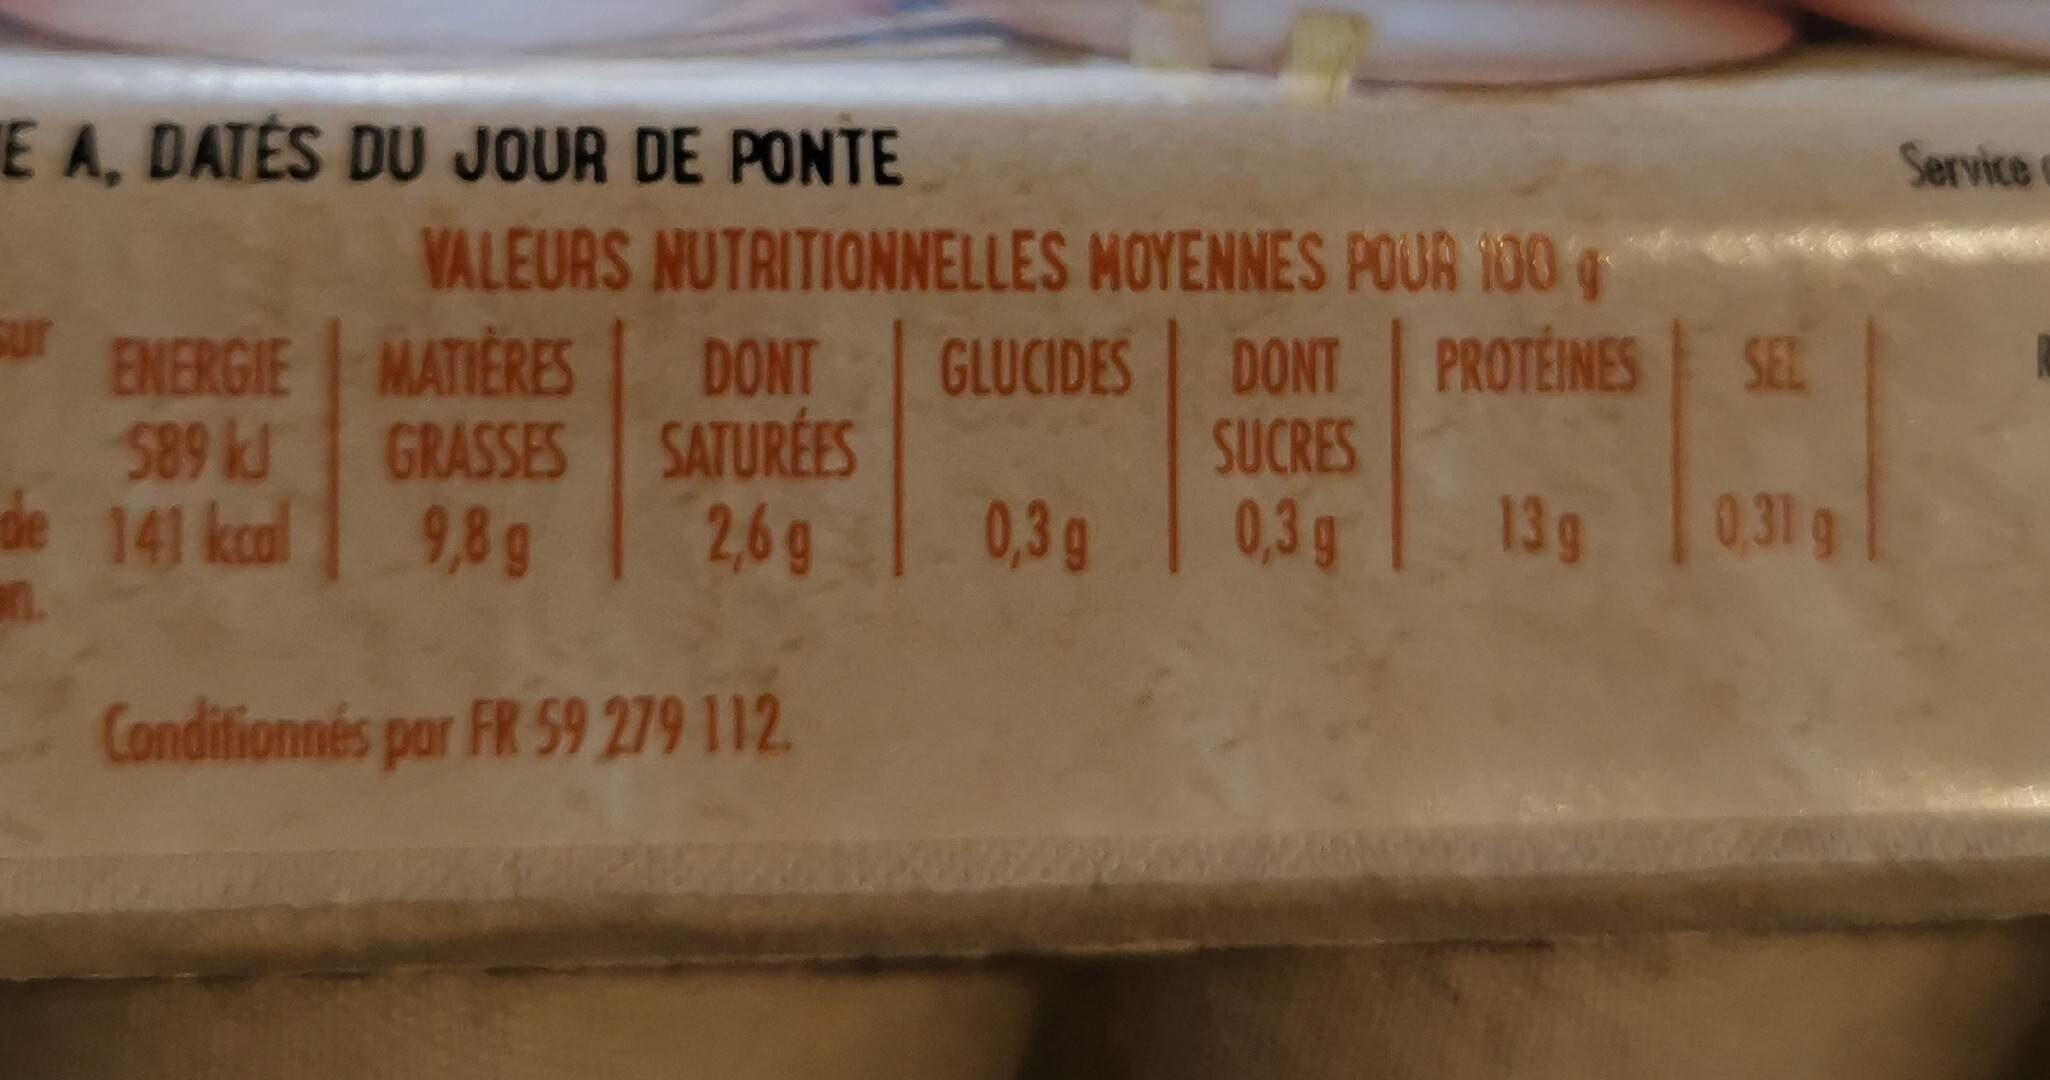 Boite de 12 oeufs casino - Valori nutrizionali - fr